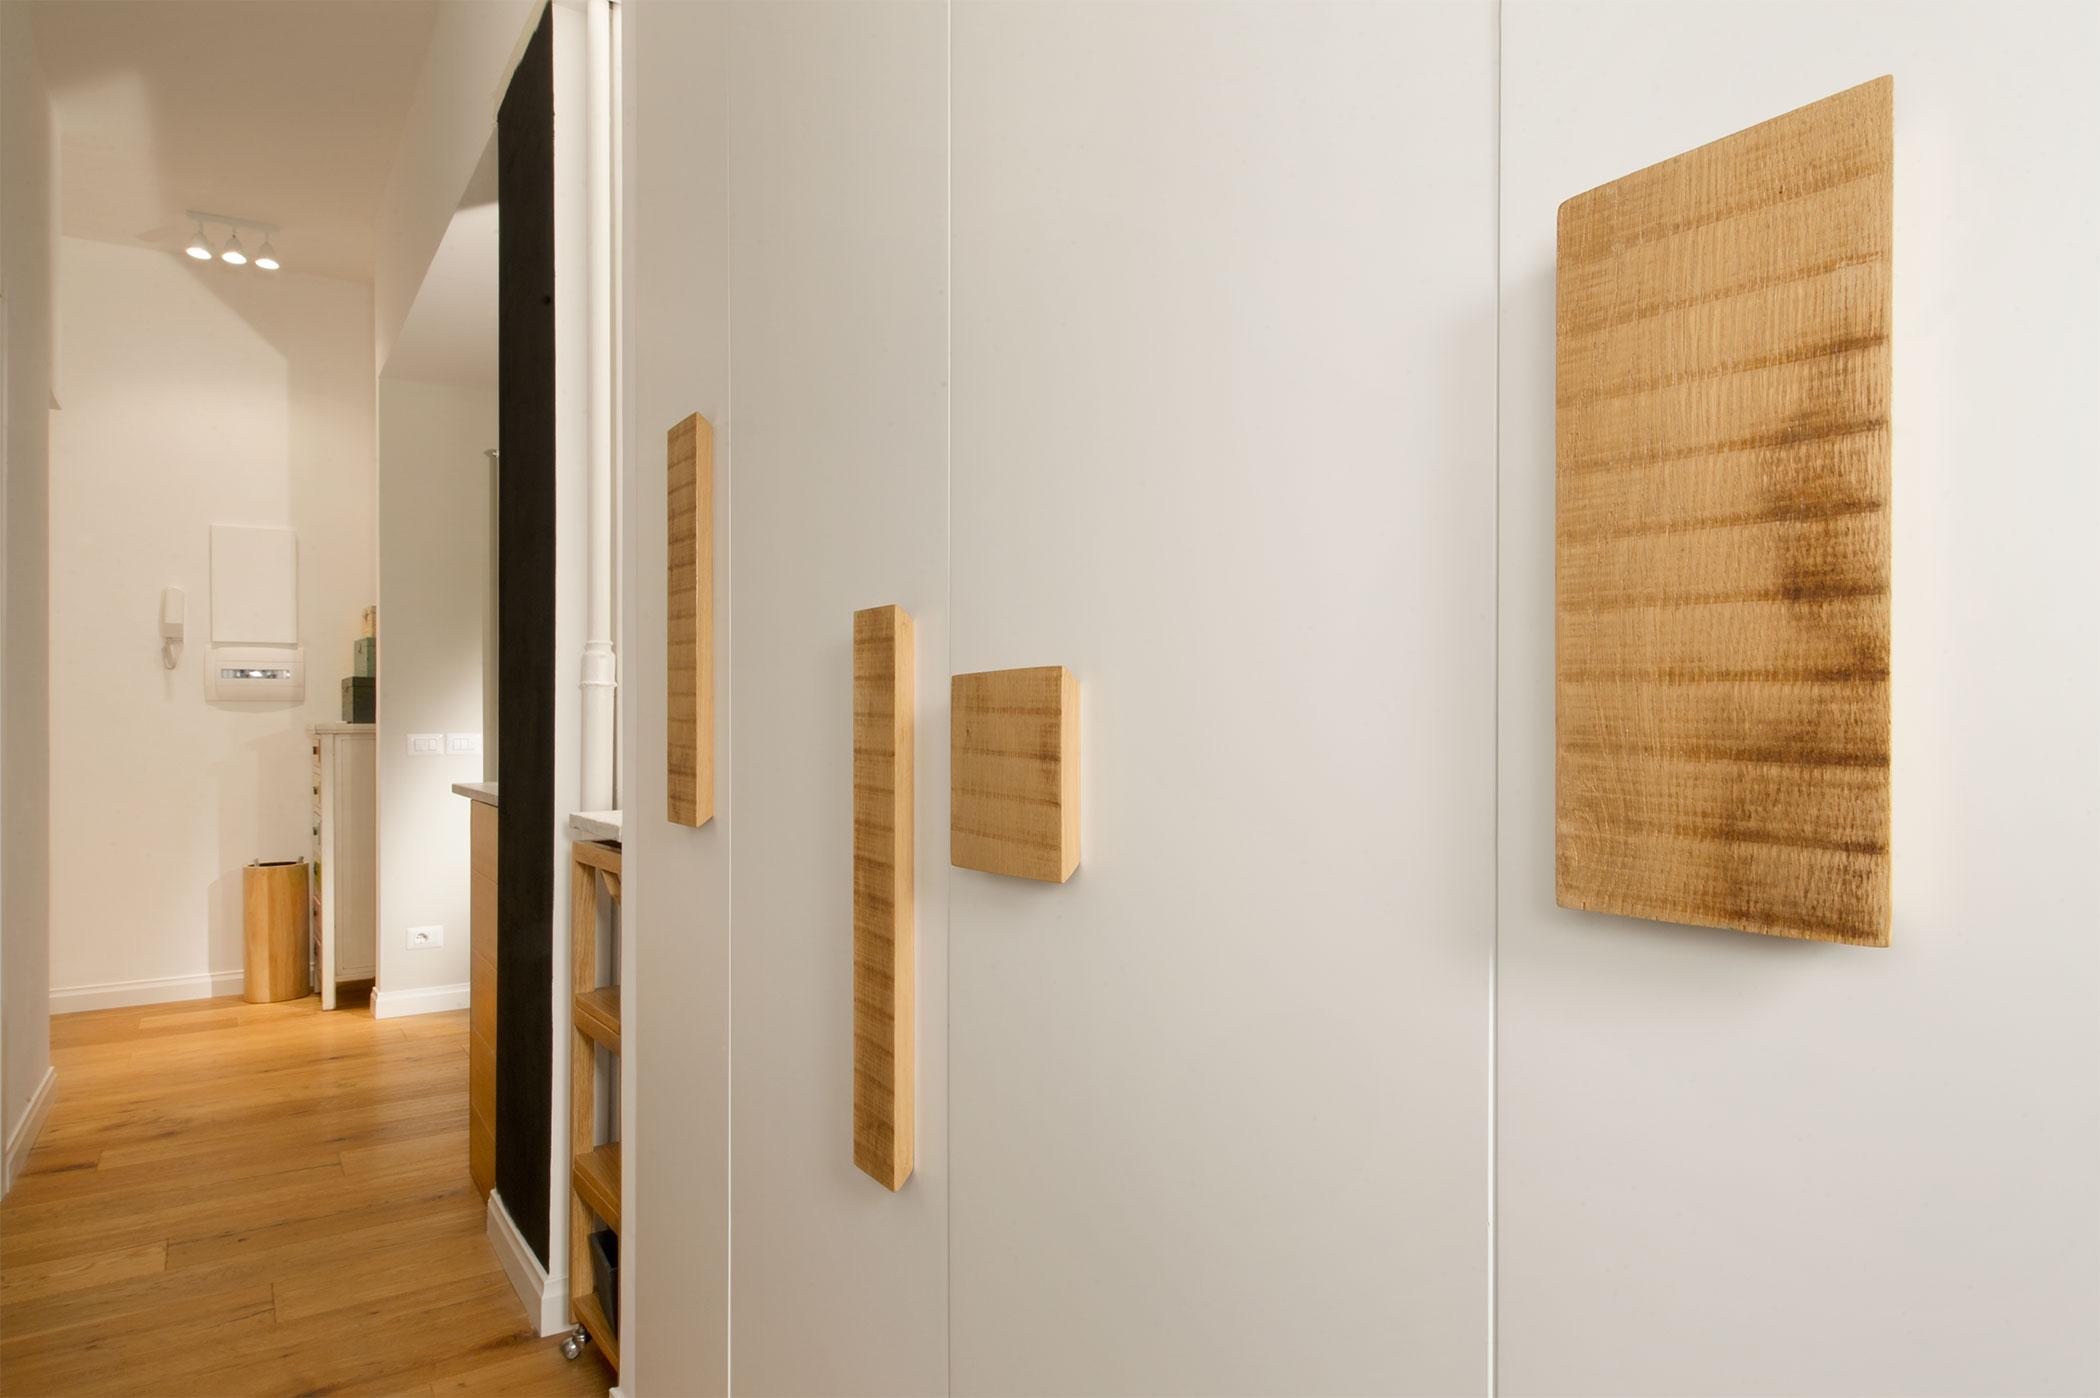 Armadio in legno laccato bianco con maniglie di legno riciclato